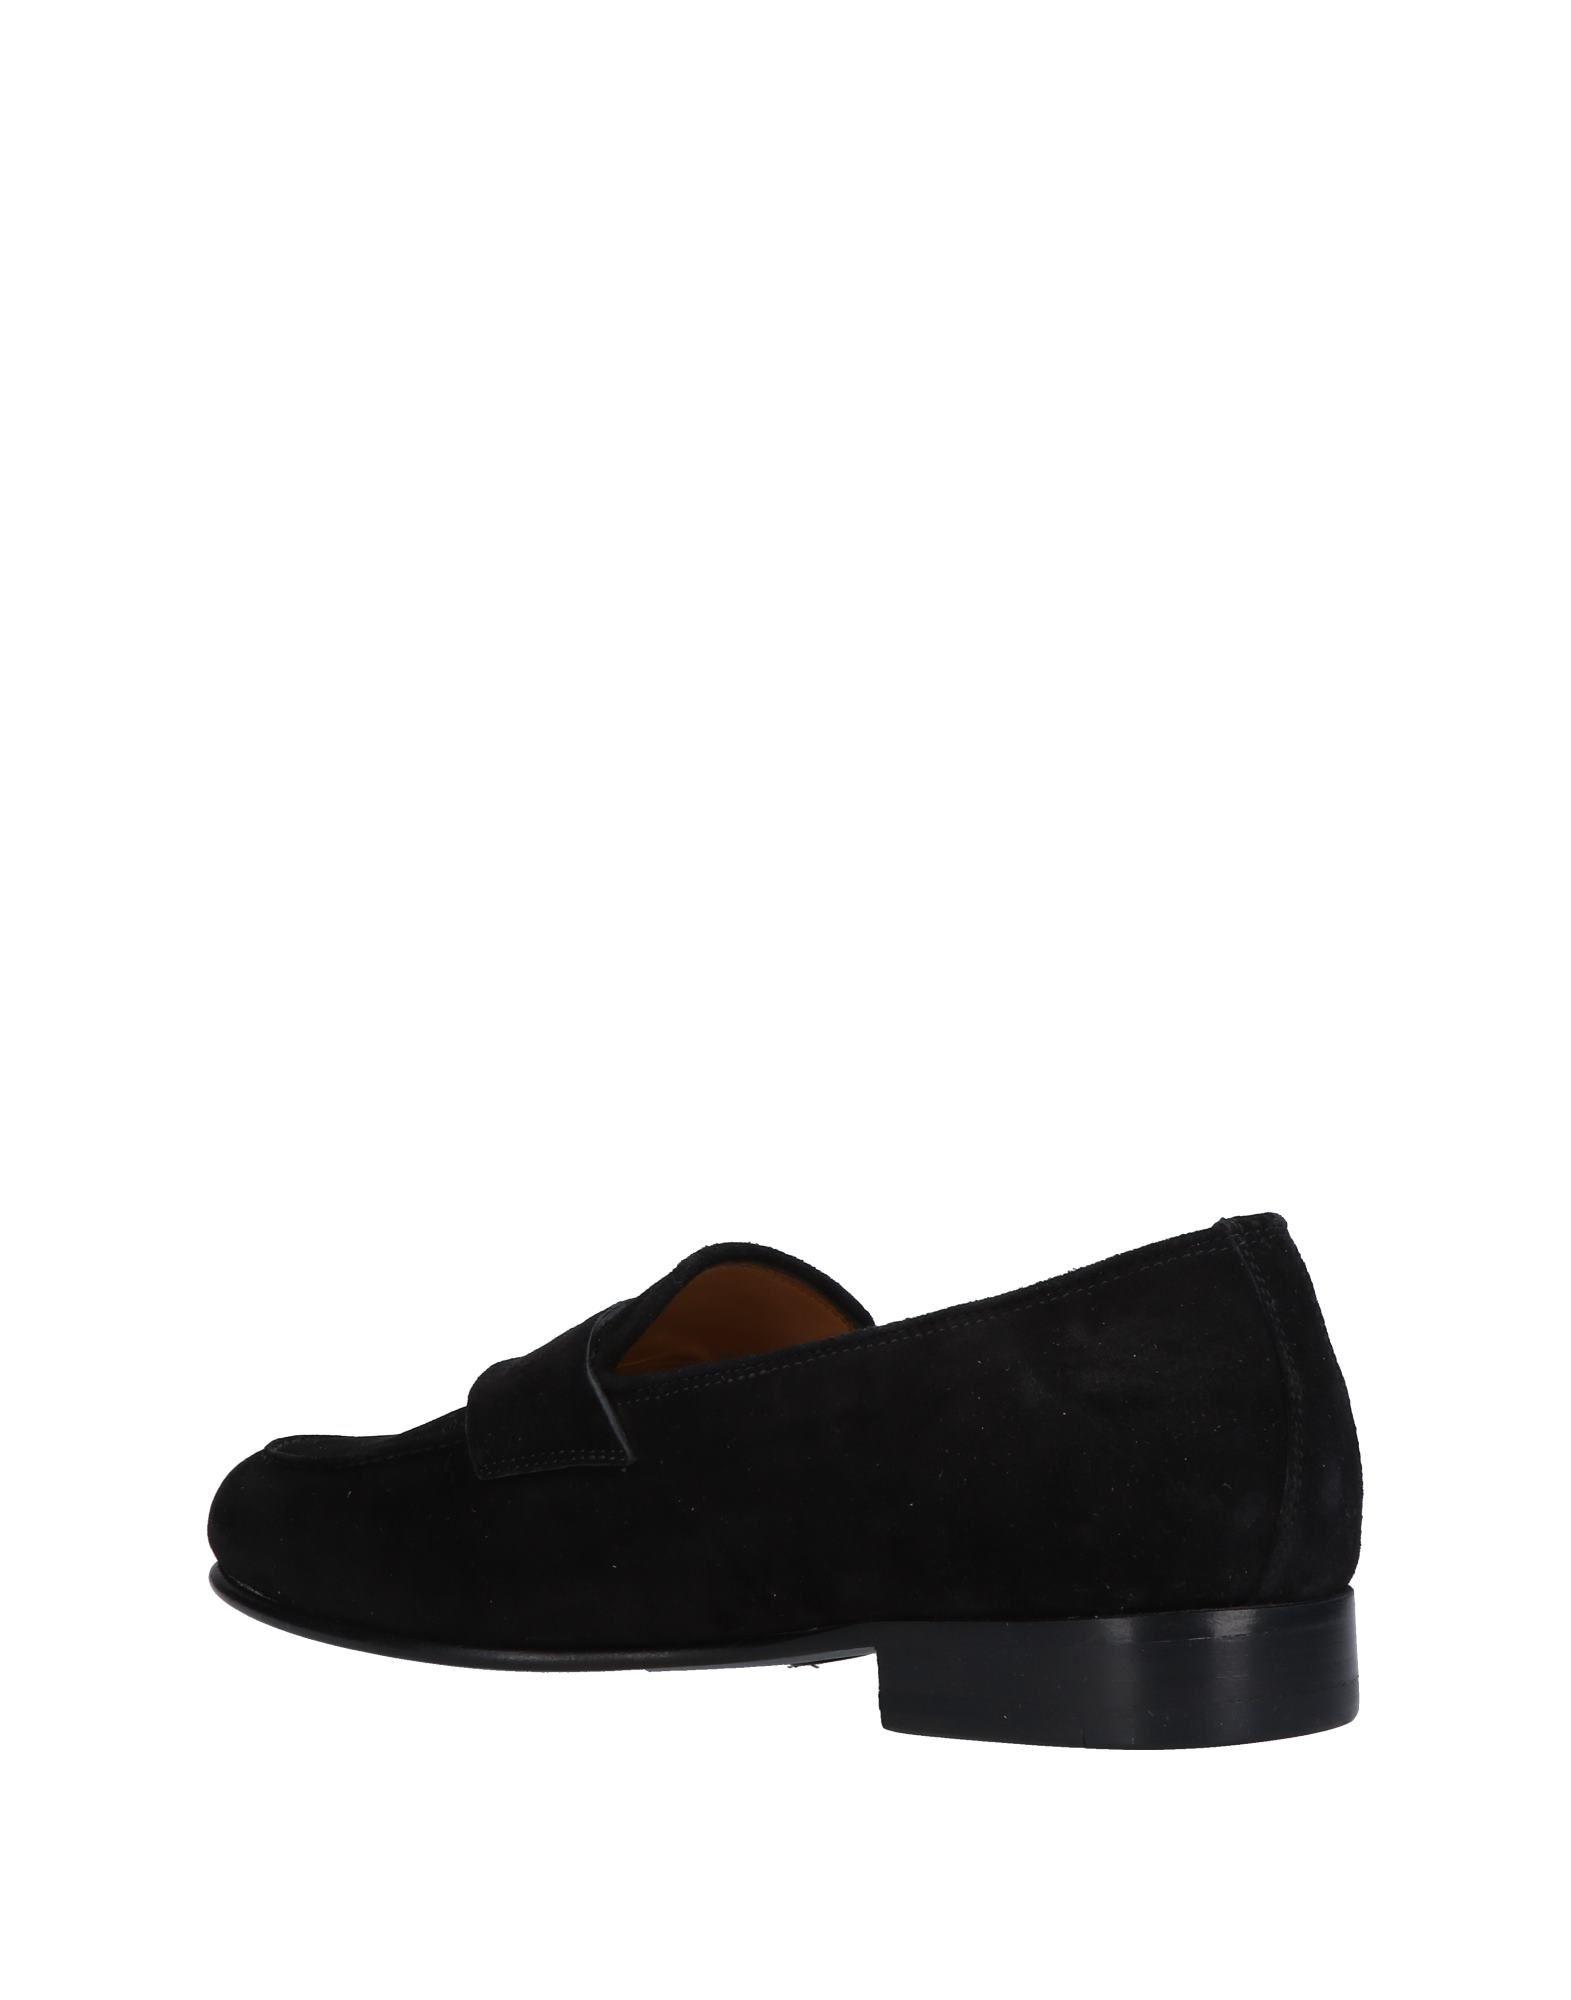 Arfango Mokassins Herren  11458681QT Gute Qualität beliebte Schuhe